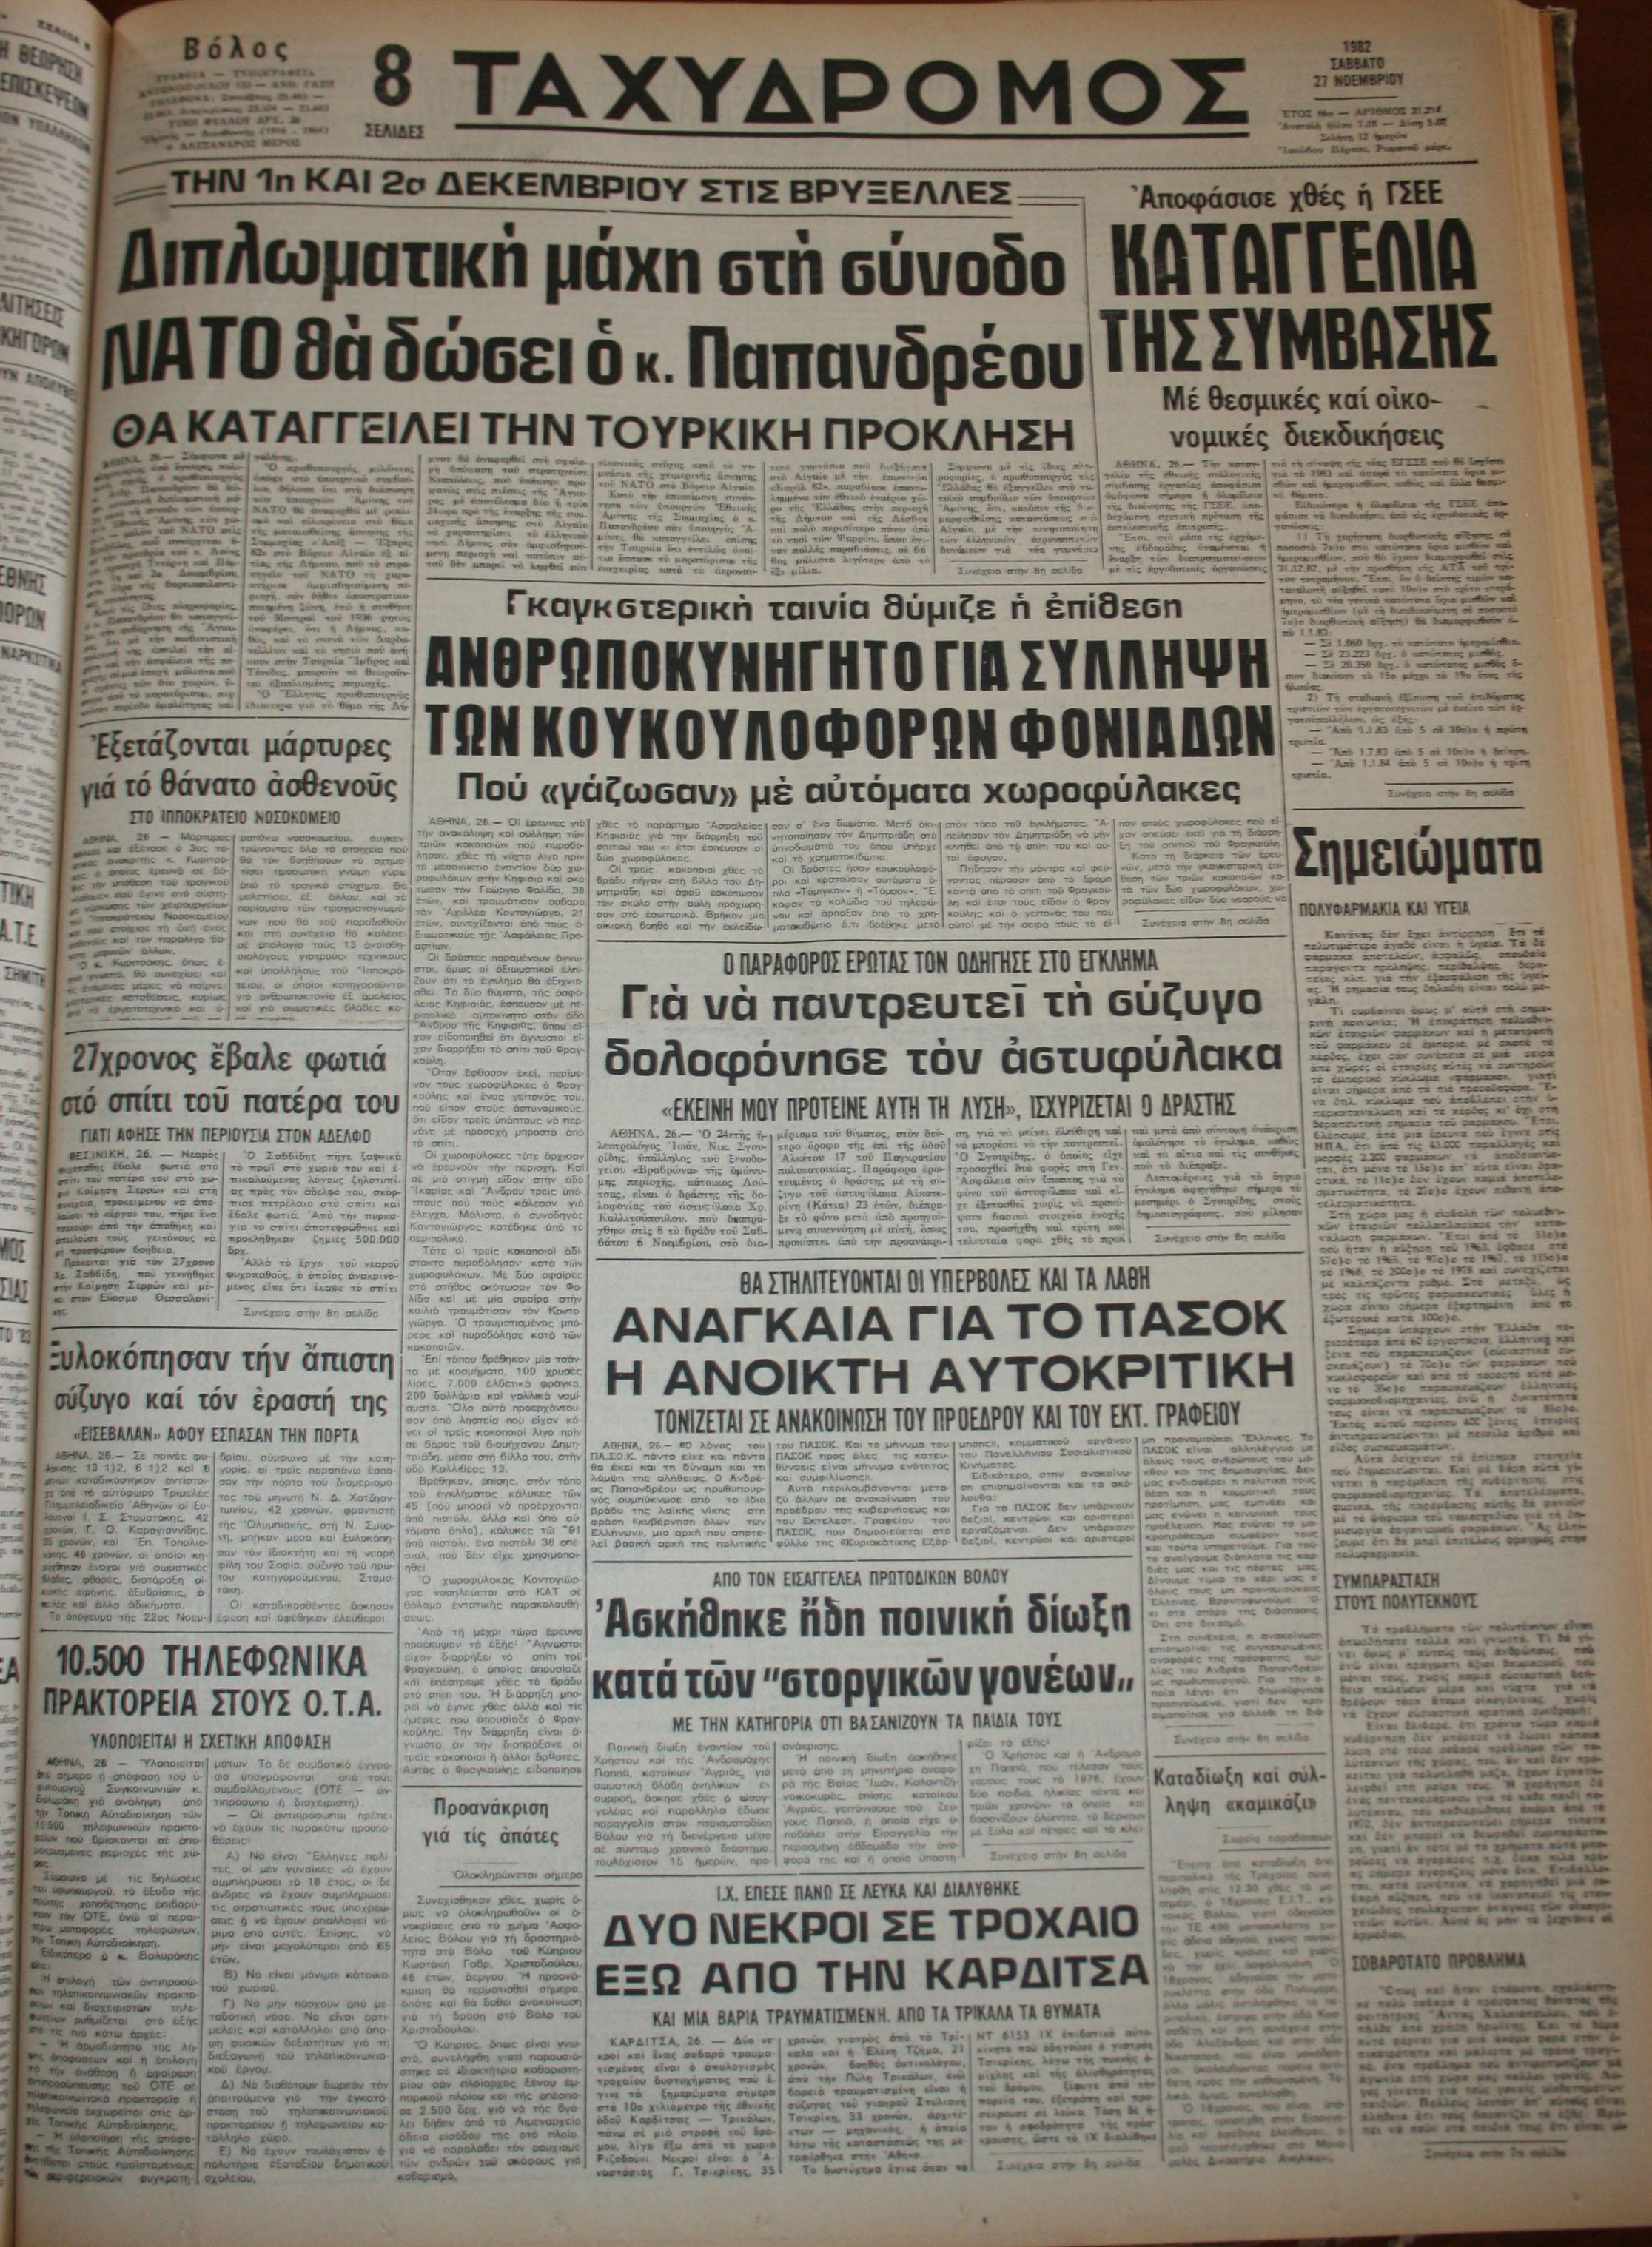 27 Νοεμβρίου 1982